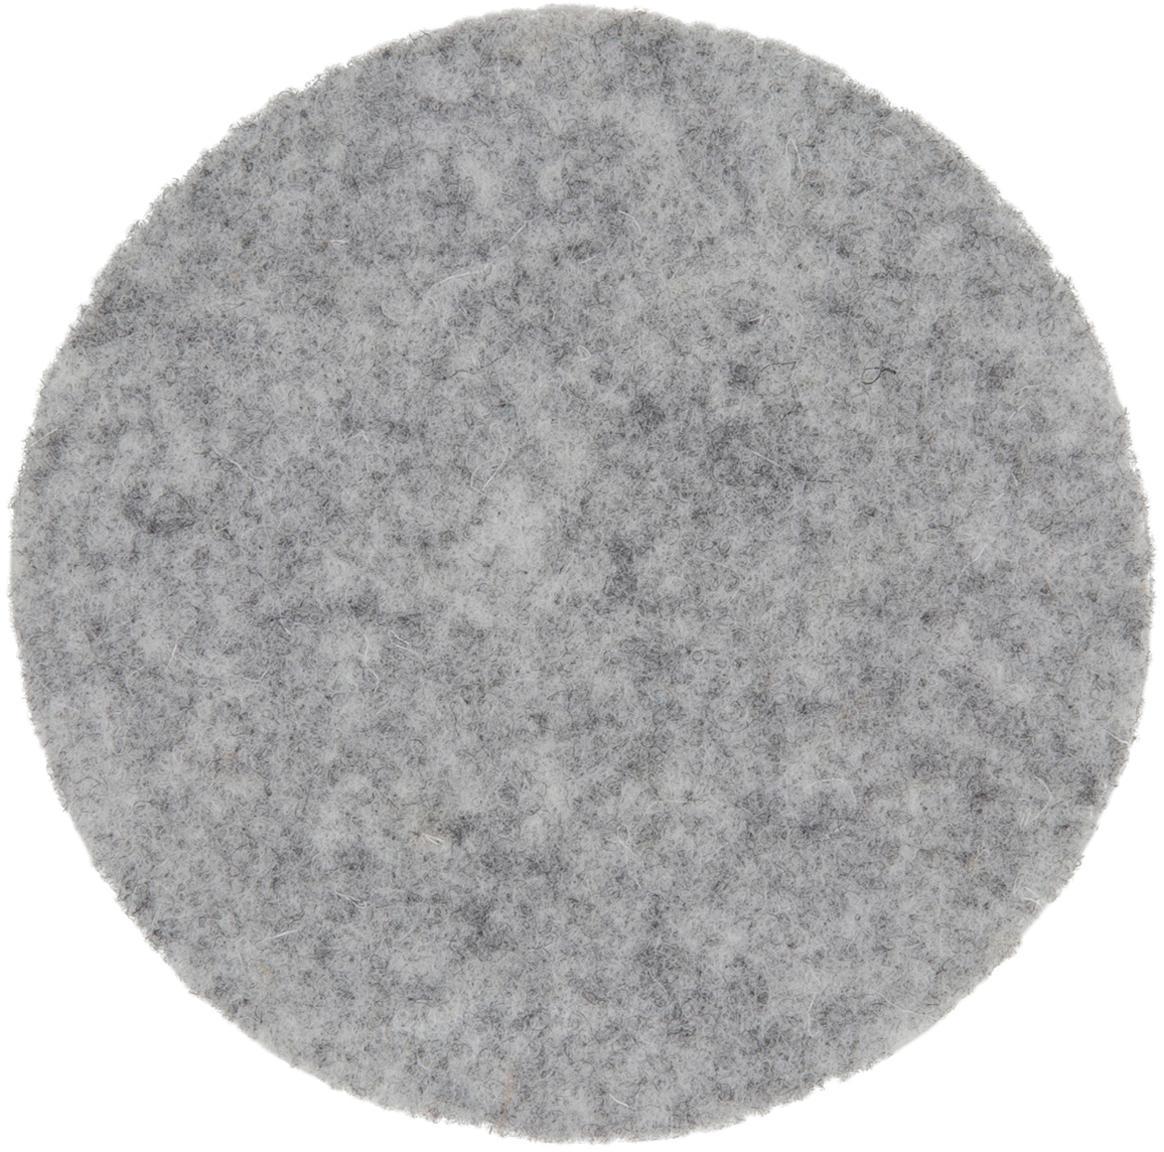 Sottobicchiere in feltro di lana Leandra, 6 pz., 90% lana, 10% polietilene, Grigio chiaro, Ø 10 cm